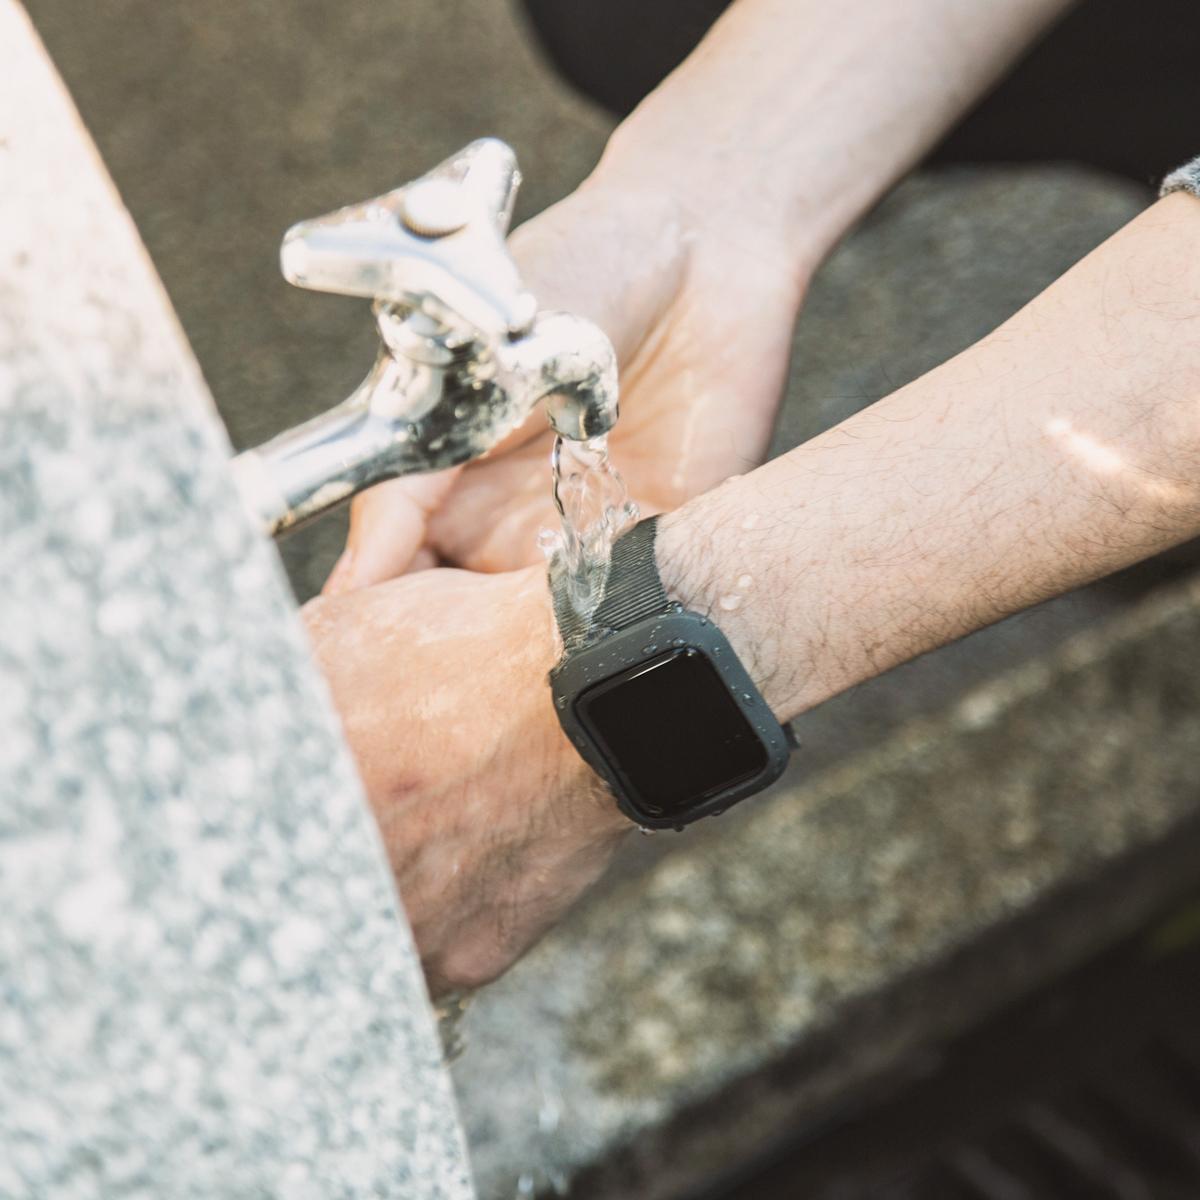 濡れてもさっと拭くだけでOKだから、釣りや水辺のレジャーでも気軽に装着できます。 落下・衝撃・水濡れに強い、タフケース一体型Apple Watchバンド|LANDER Moab case+Band